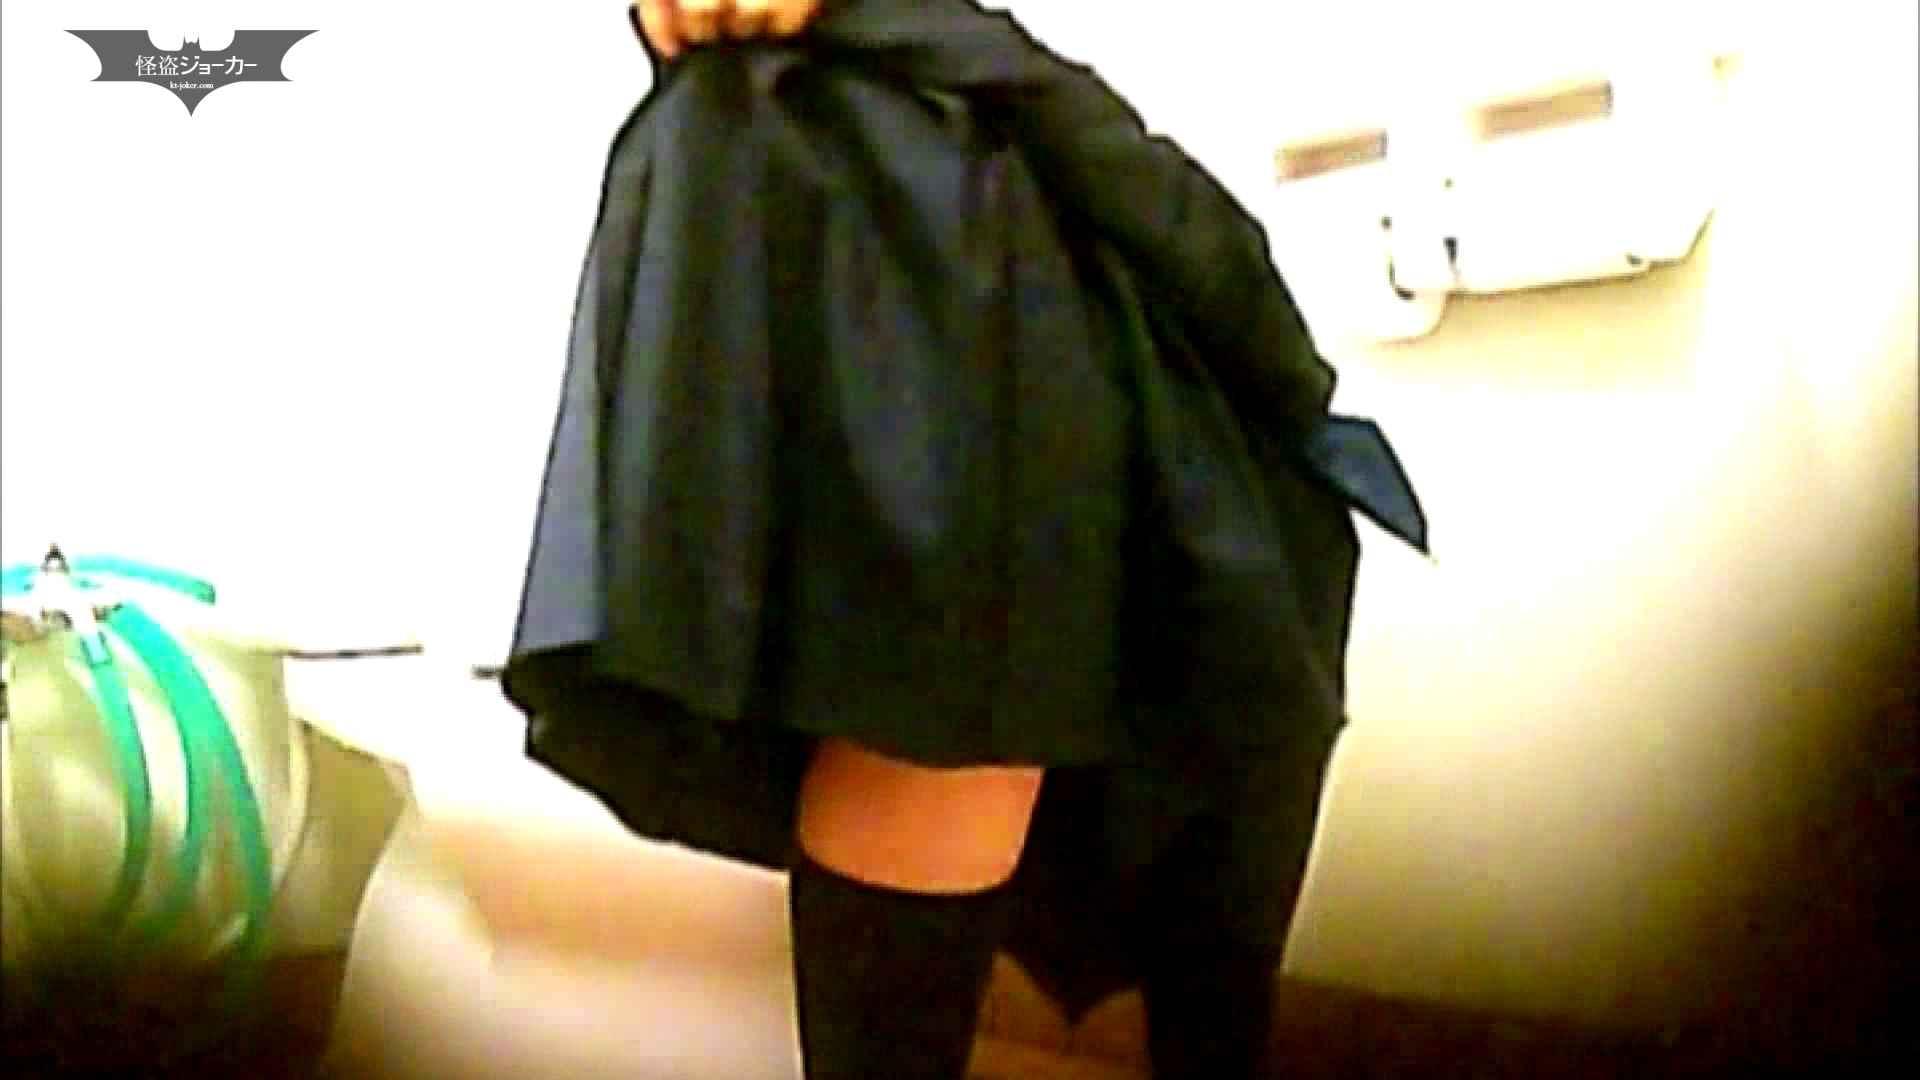 店長代理の盗撮録 Vol.02 制服ばかりをあつめてみました。その2 期間限定シリーズ セックス画像 58画像 34